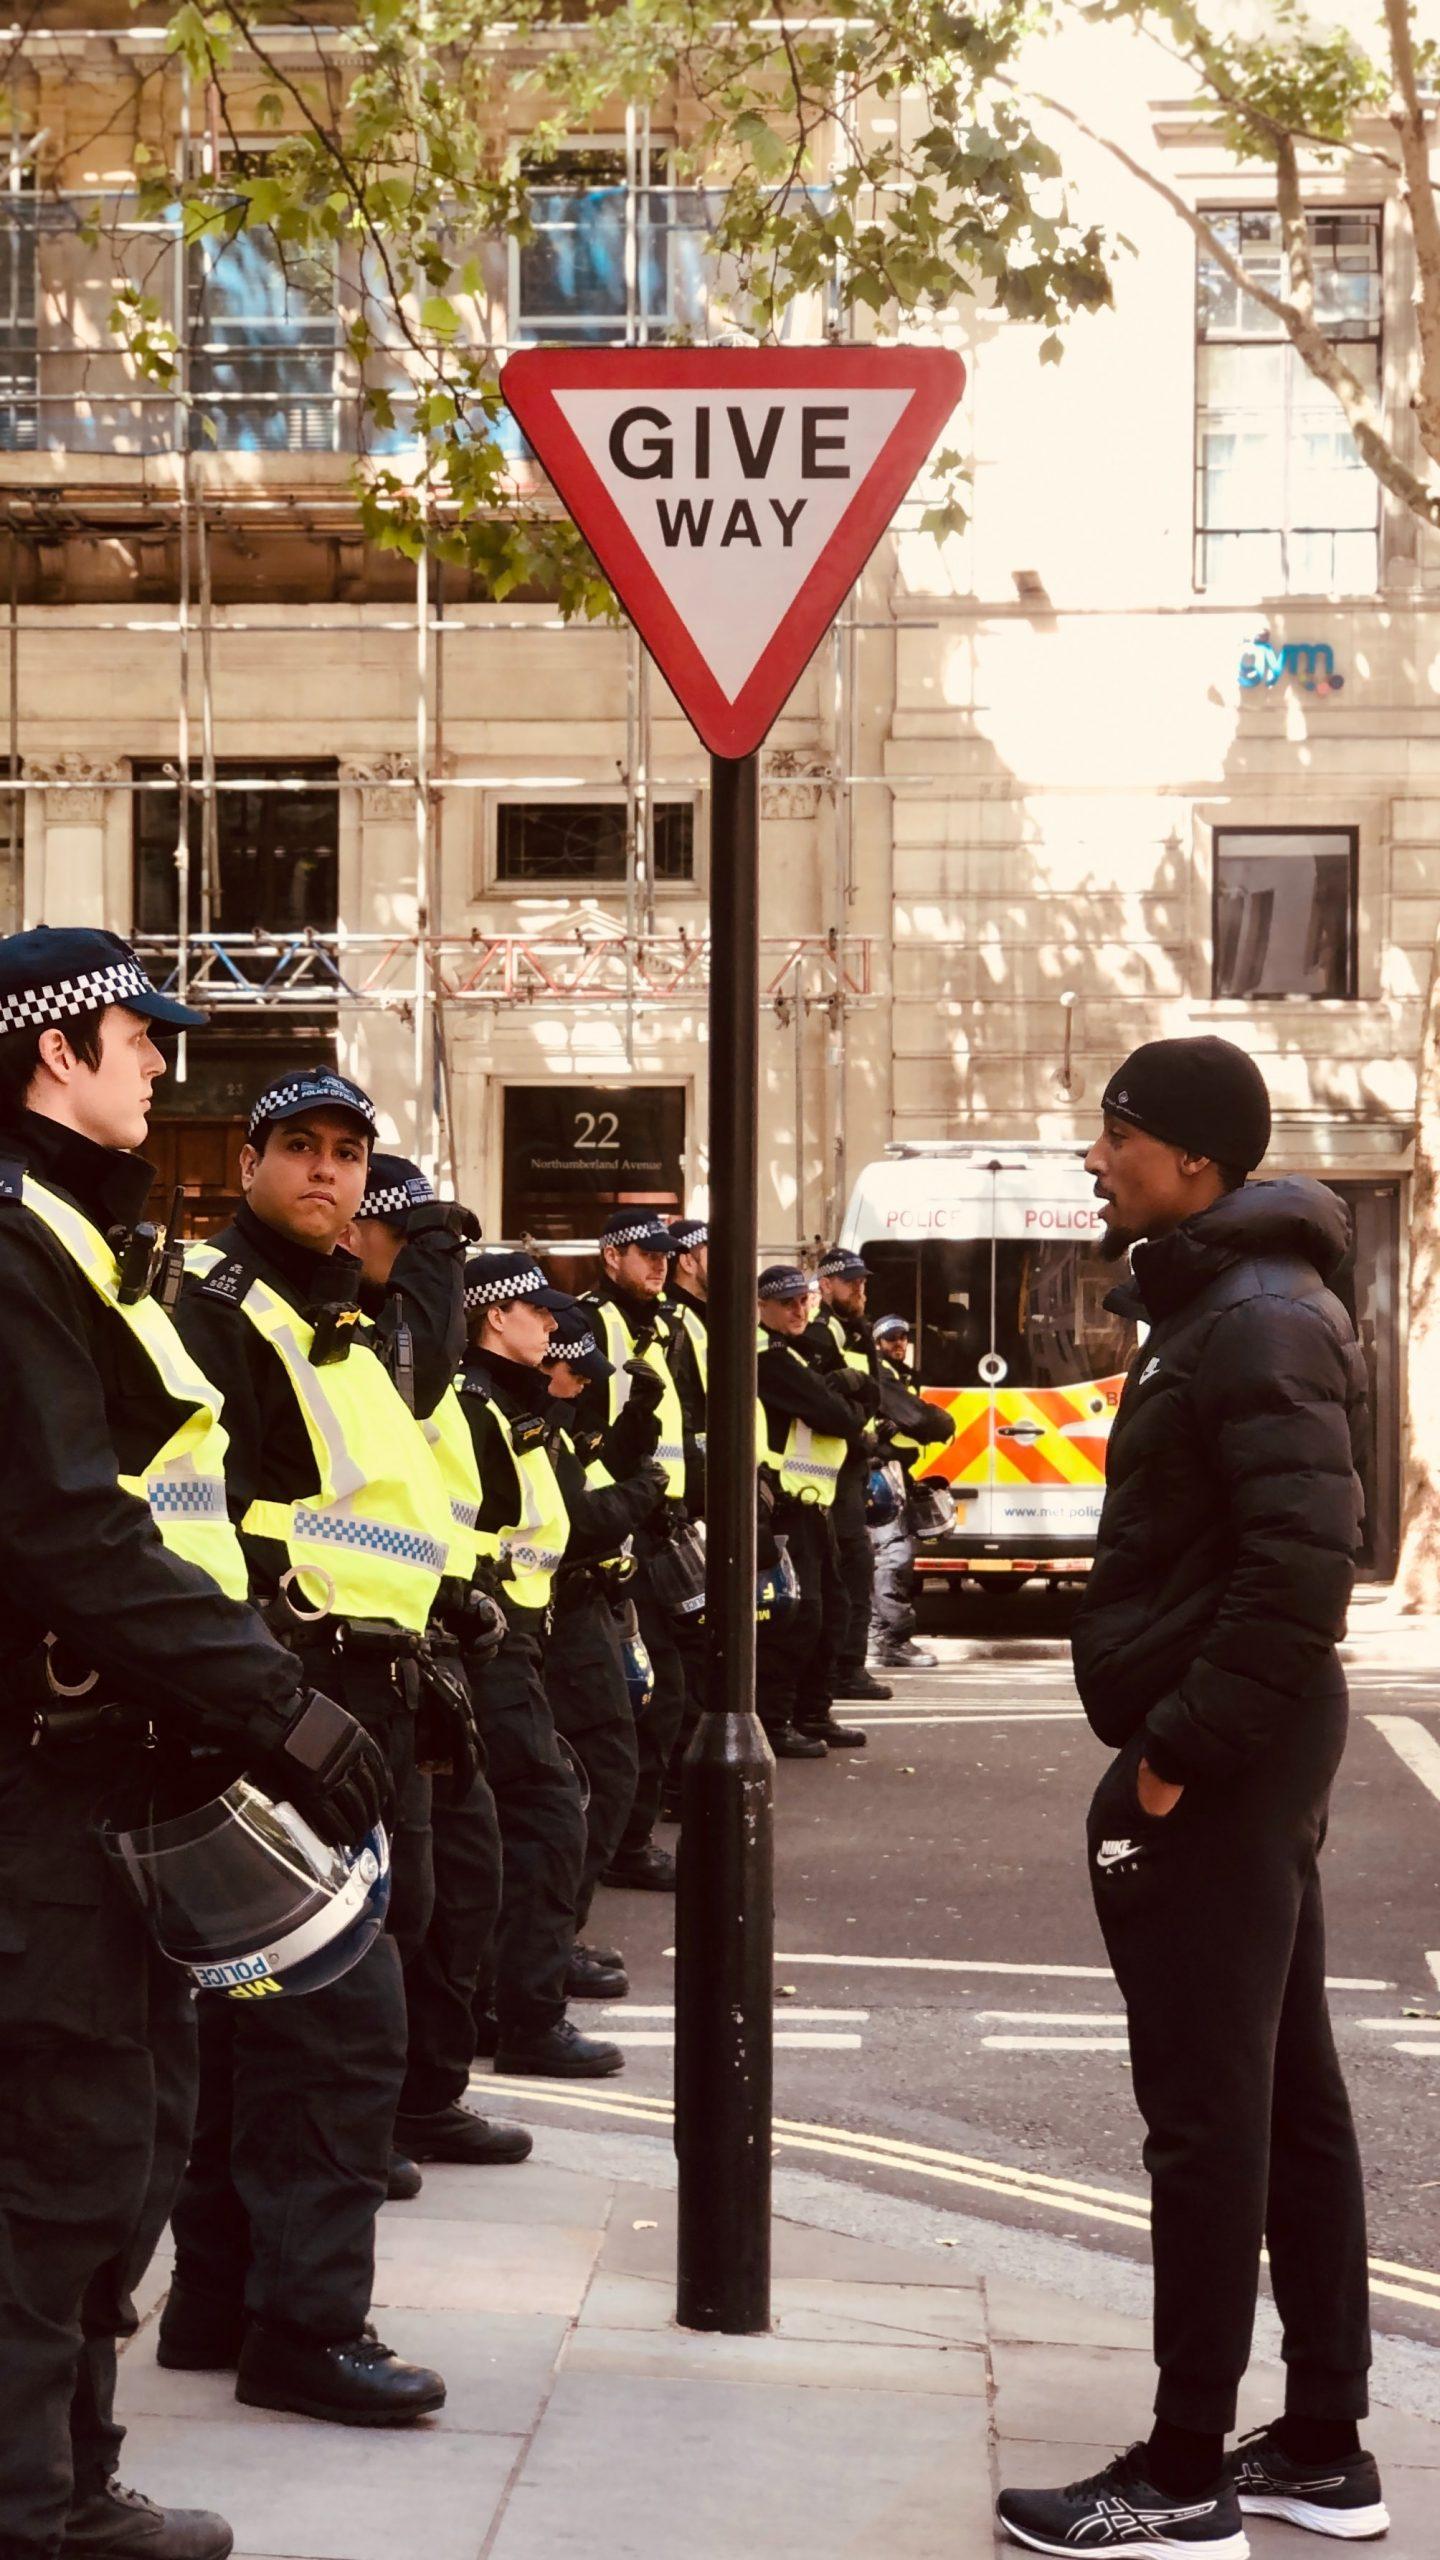 Police End Stephen Lawrence Murder Probe That Showed U.K. Racism